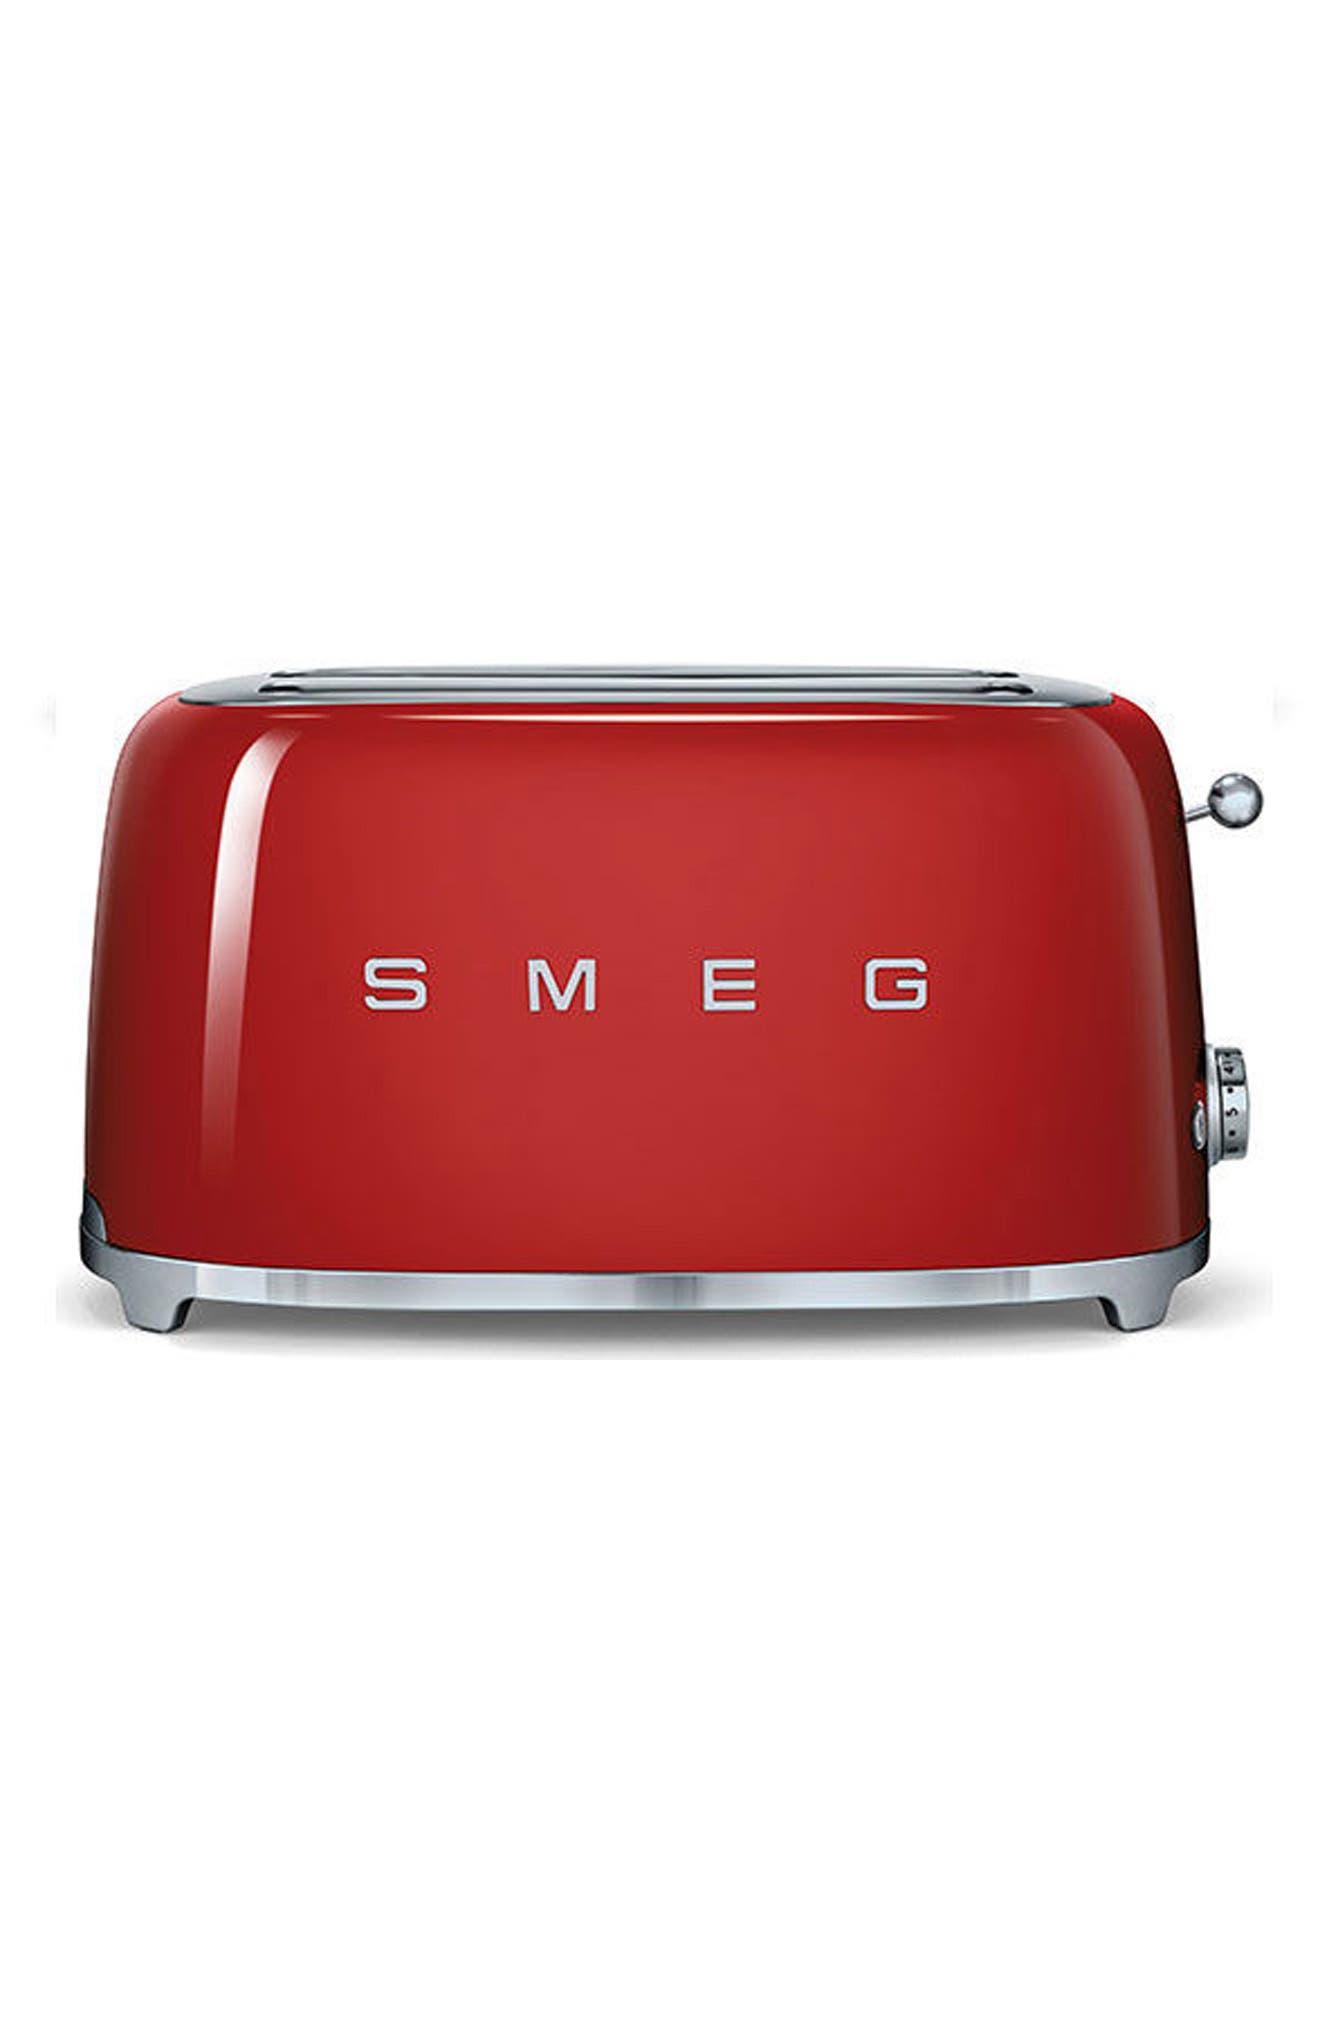 smeg 50s Retro Style Four-Slice Toaster